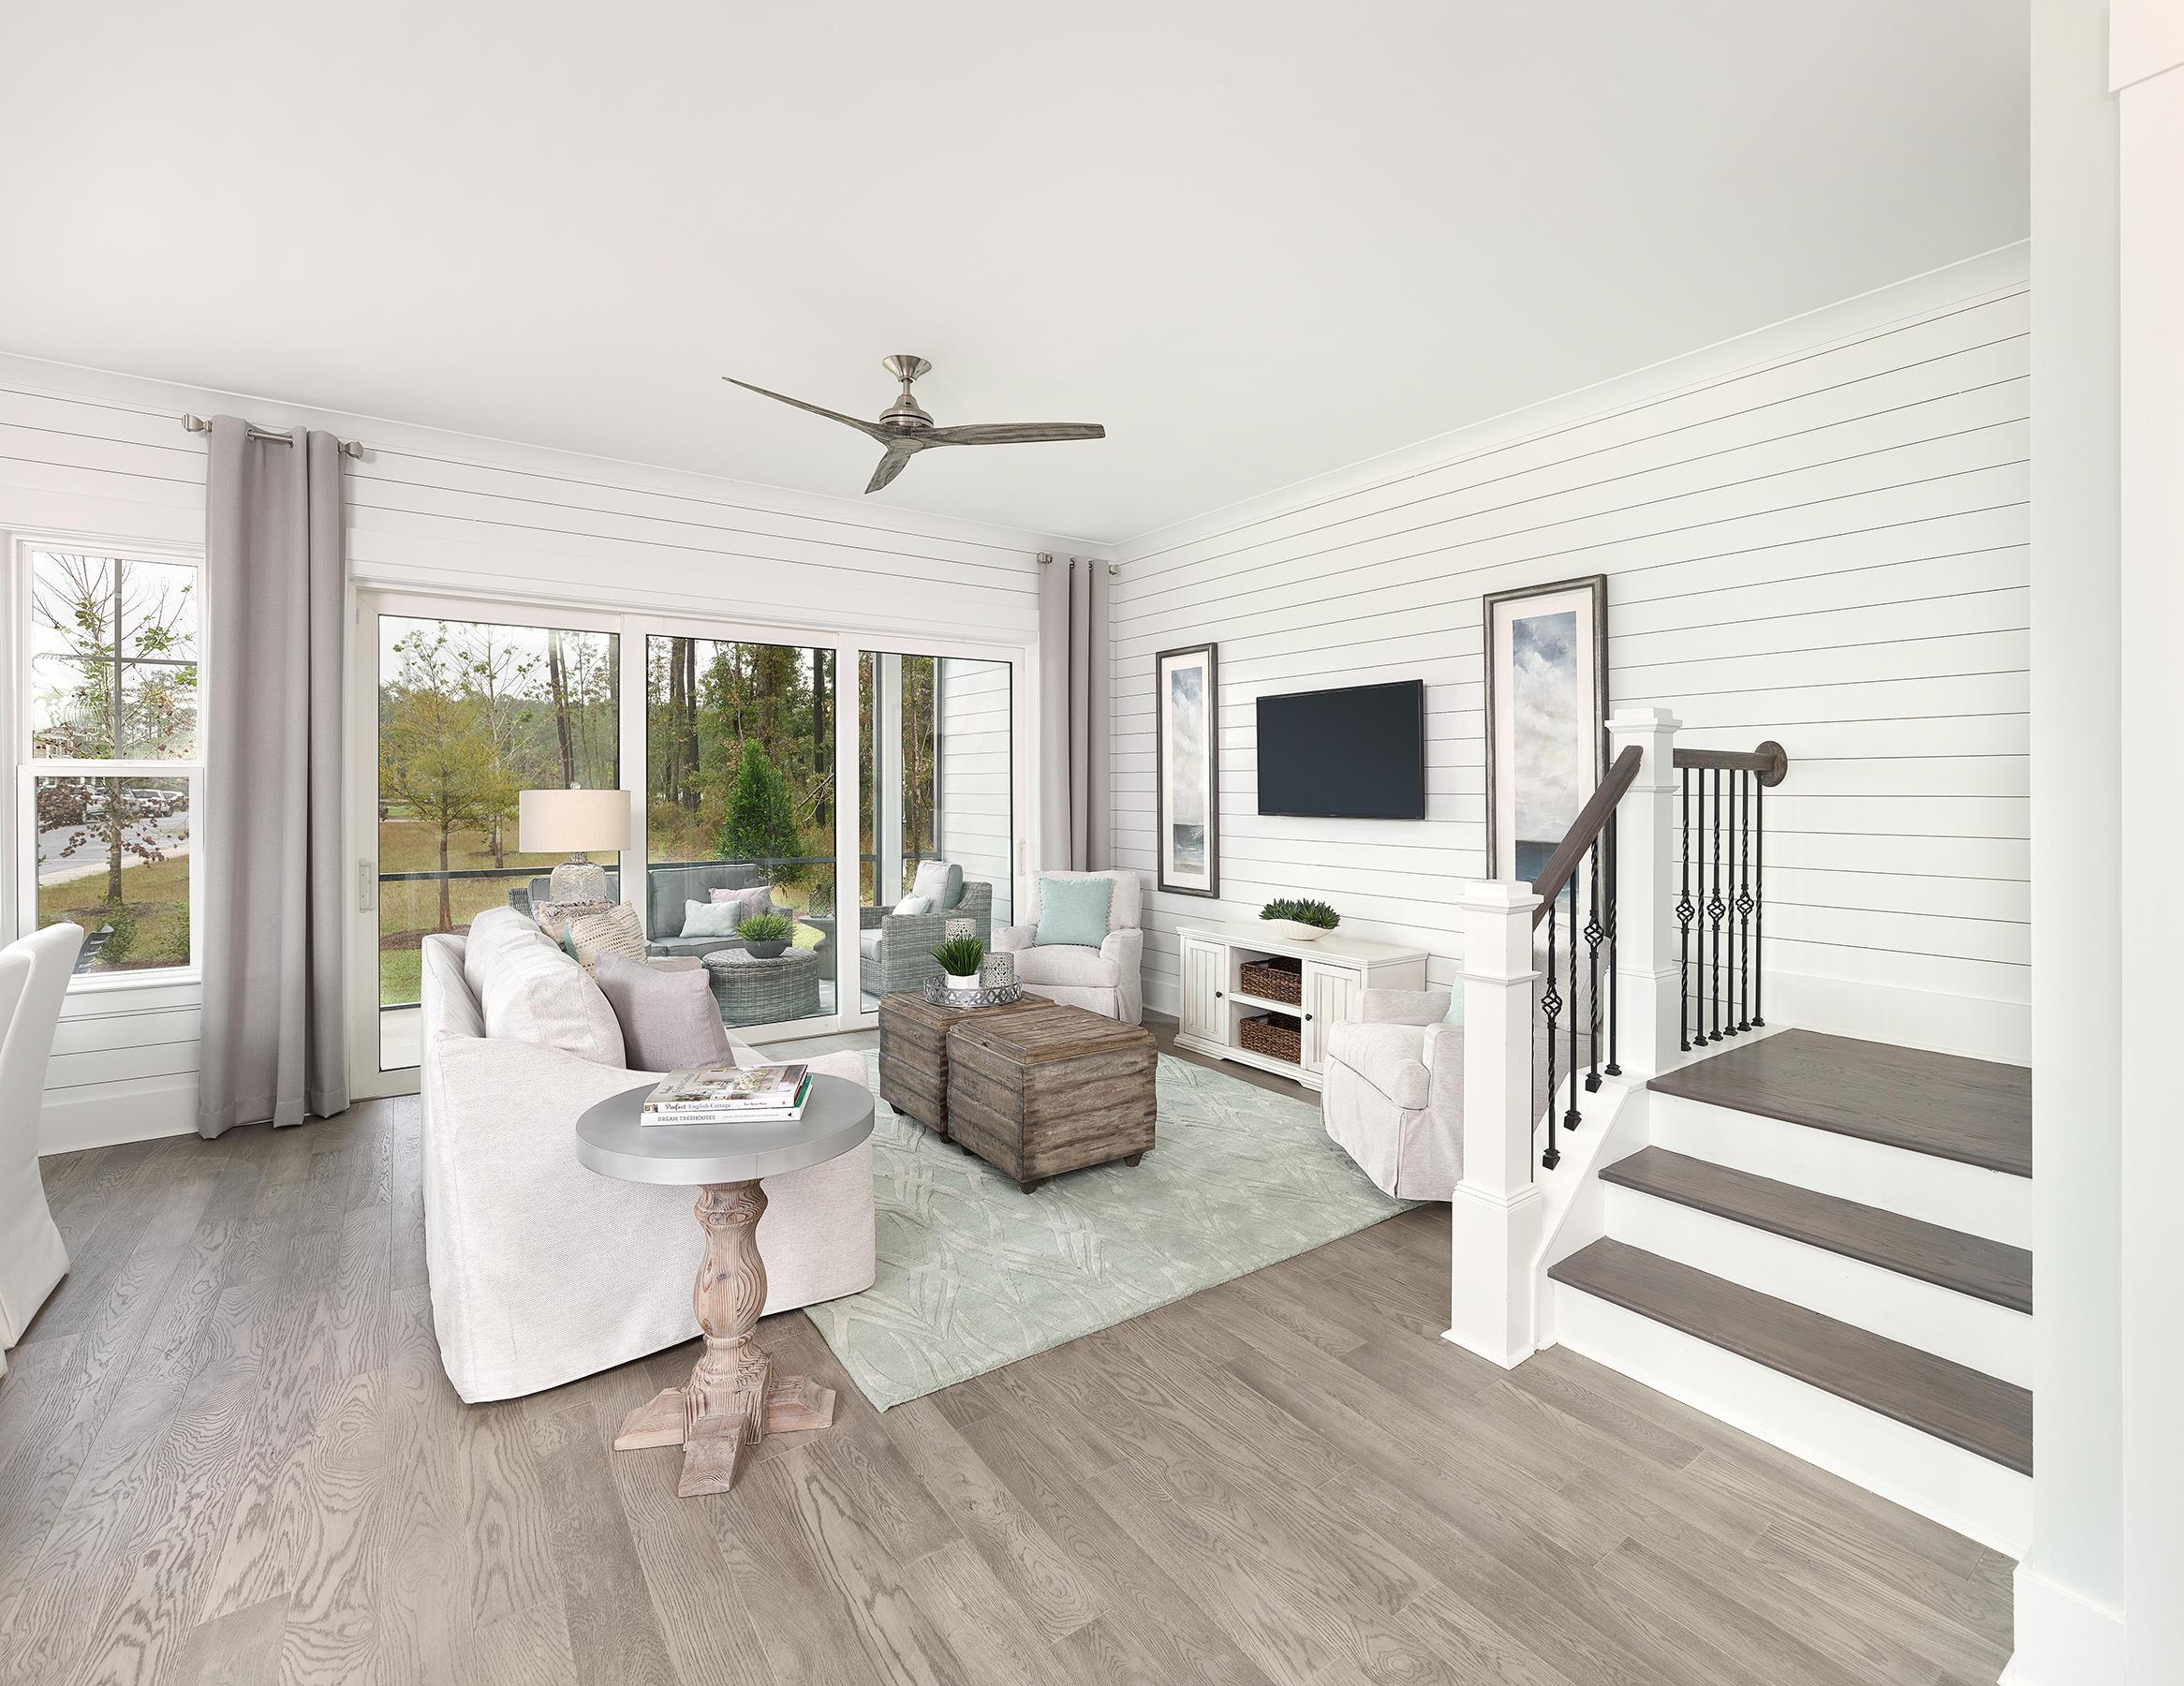 Dunes West Homes For Sale - 2890 Eddy, Mount Pleasant, SC - 13